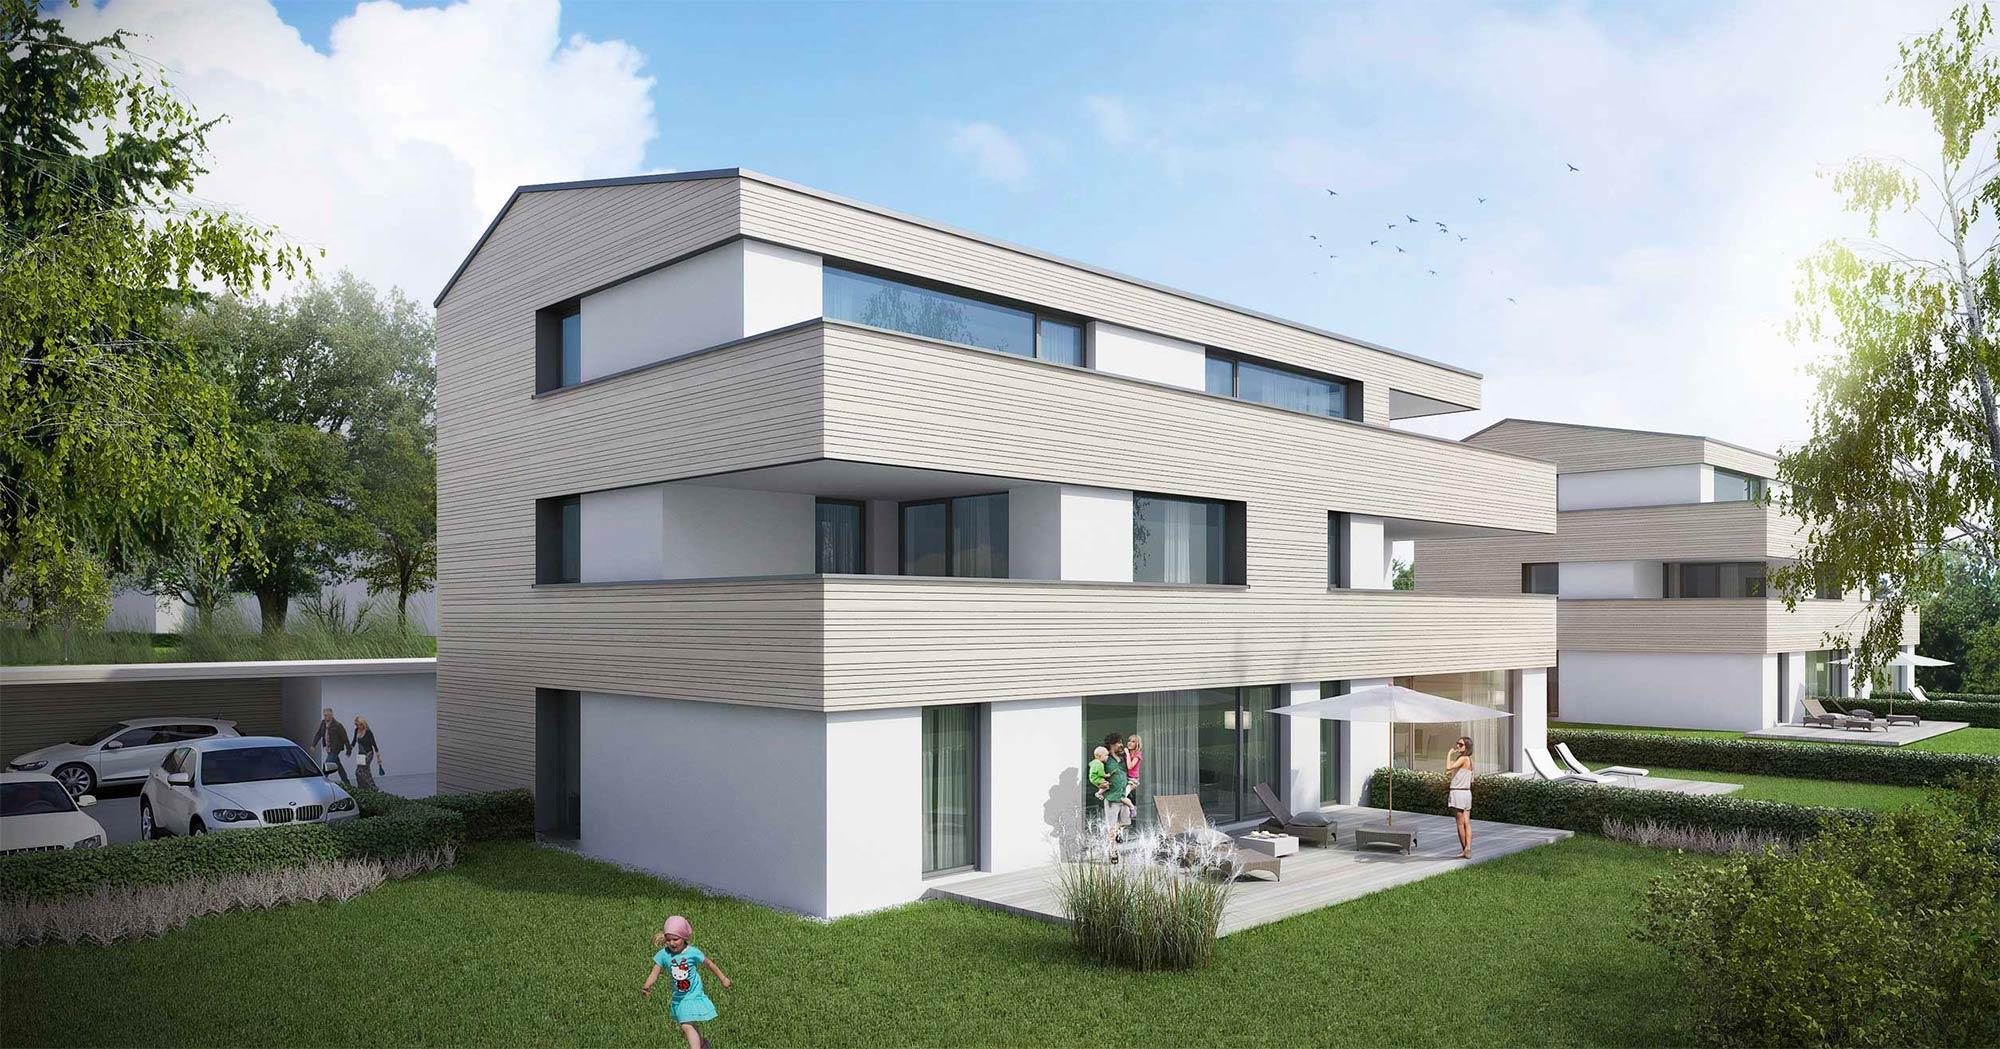 immocontec-Bauprojekt: Außenansicht der Häuser an der Alten Weberei